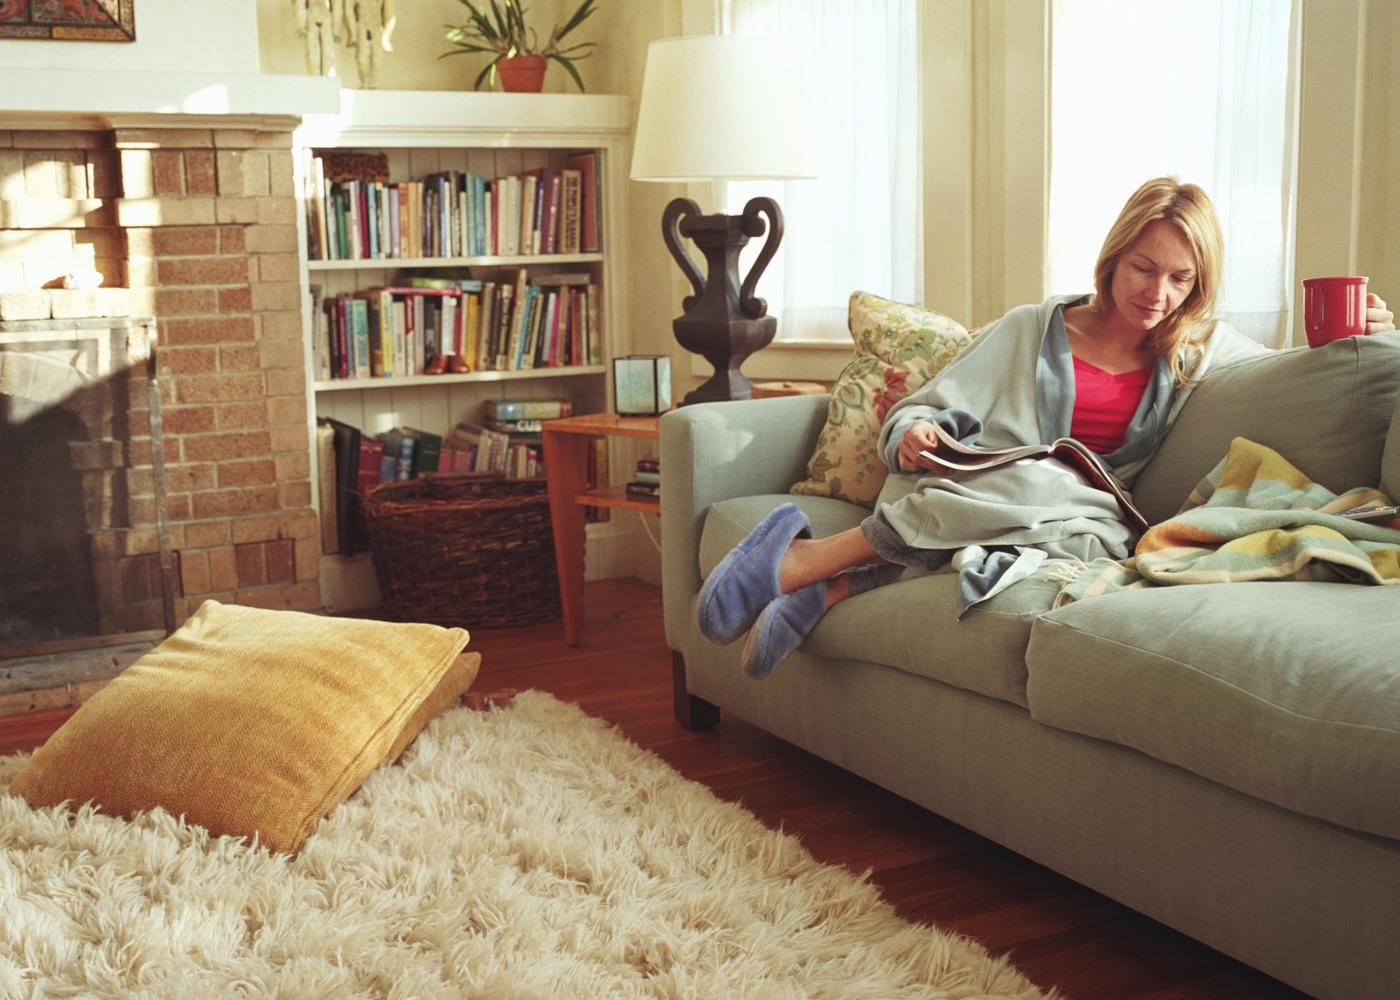 Mulher sentada no sofá a ler